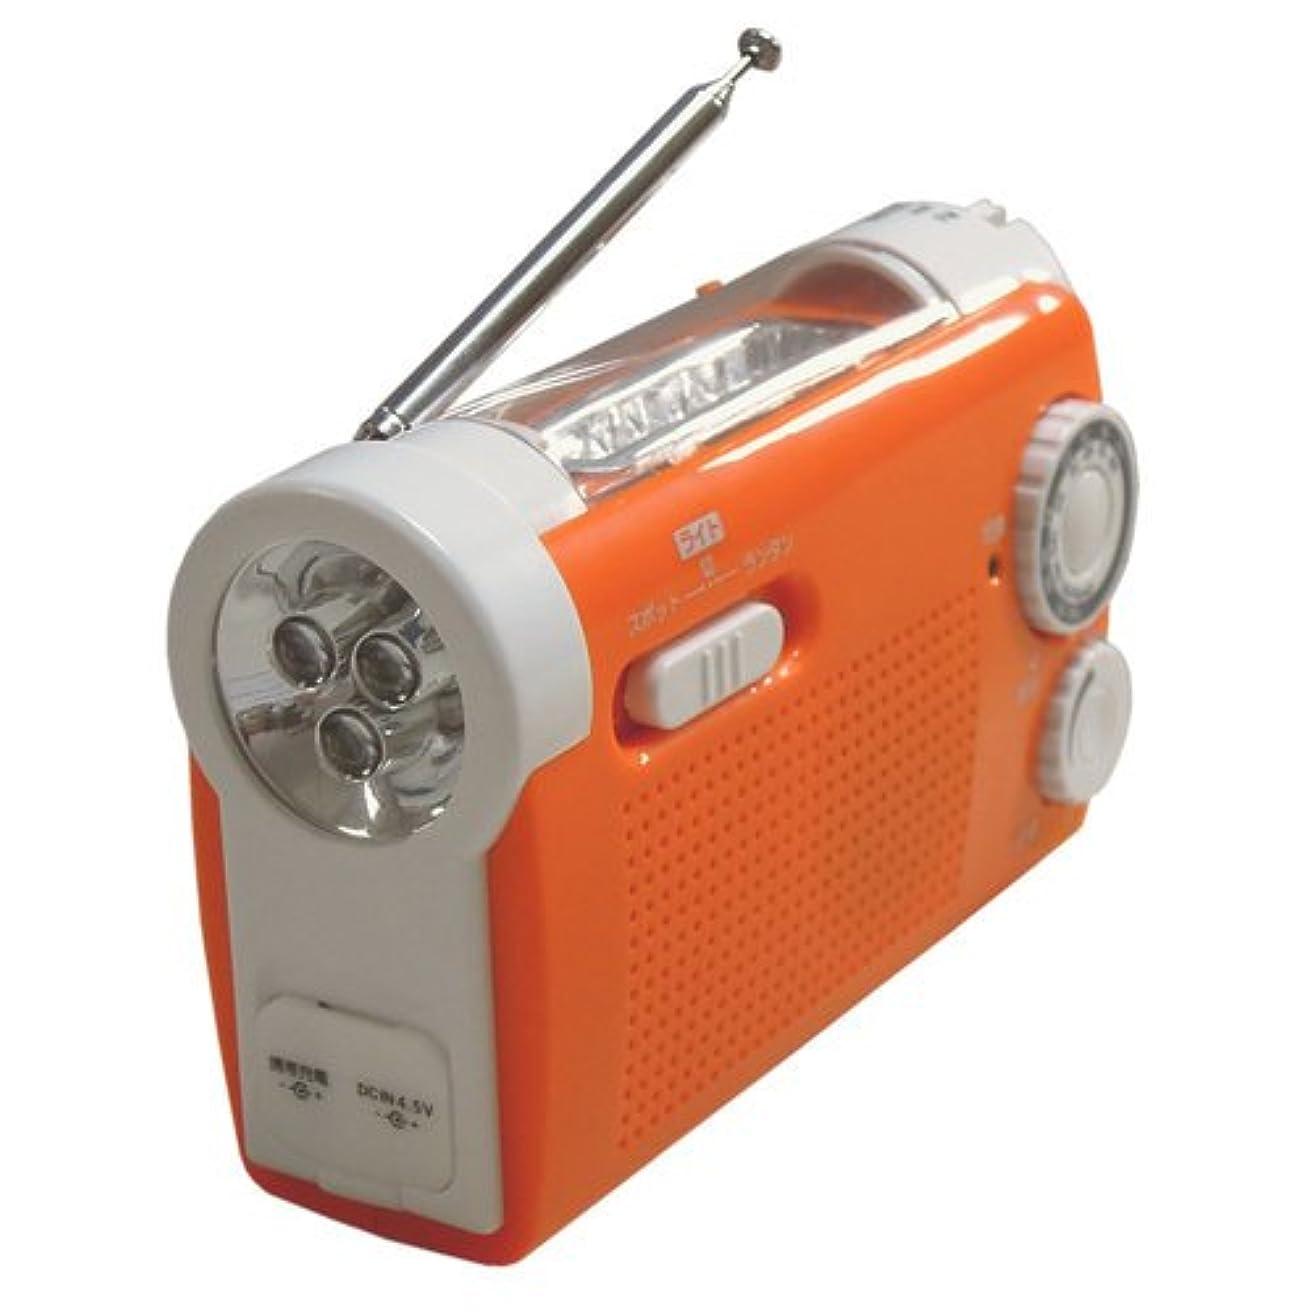 小康怒る運命的なWINTECH スマートフォン対応AM/FM手回し充電ラジオライト KDR-105 (D)オレンジ KDR-105D